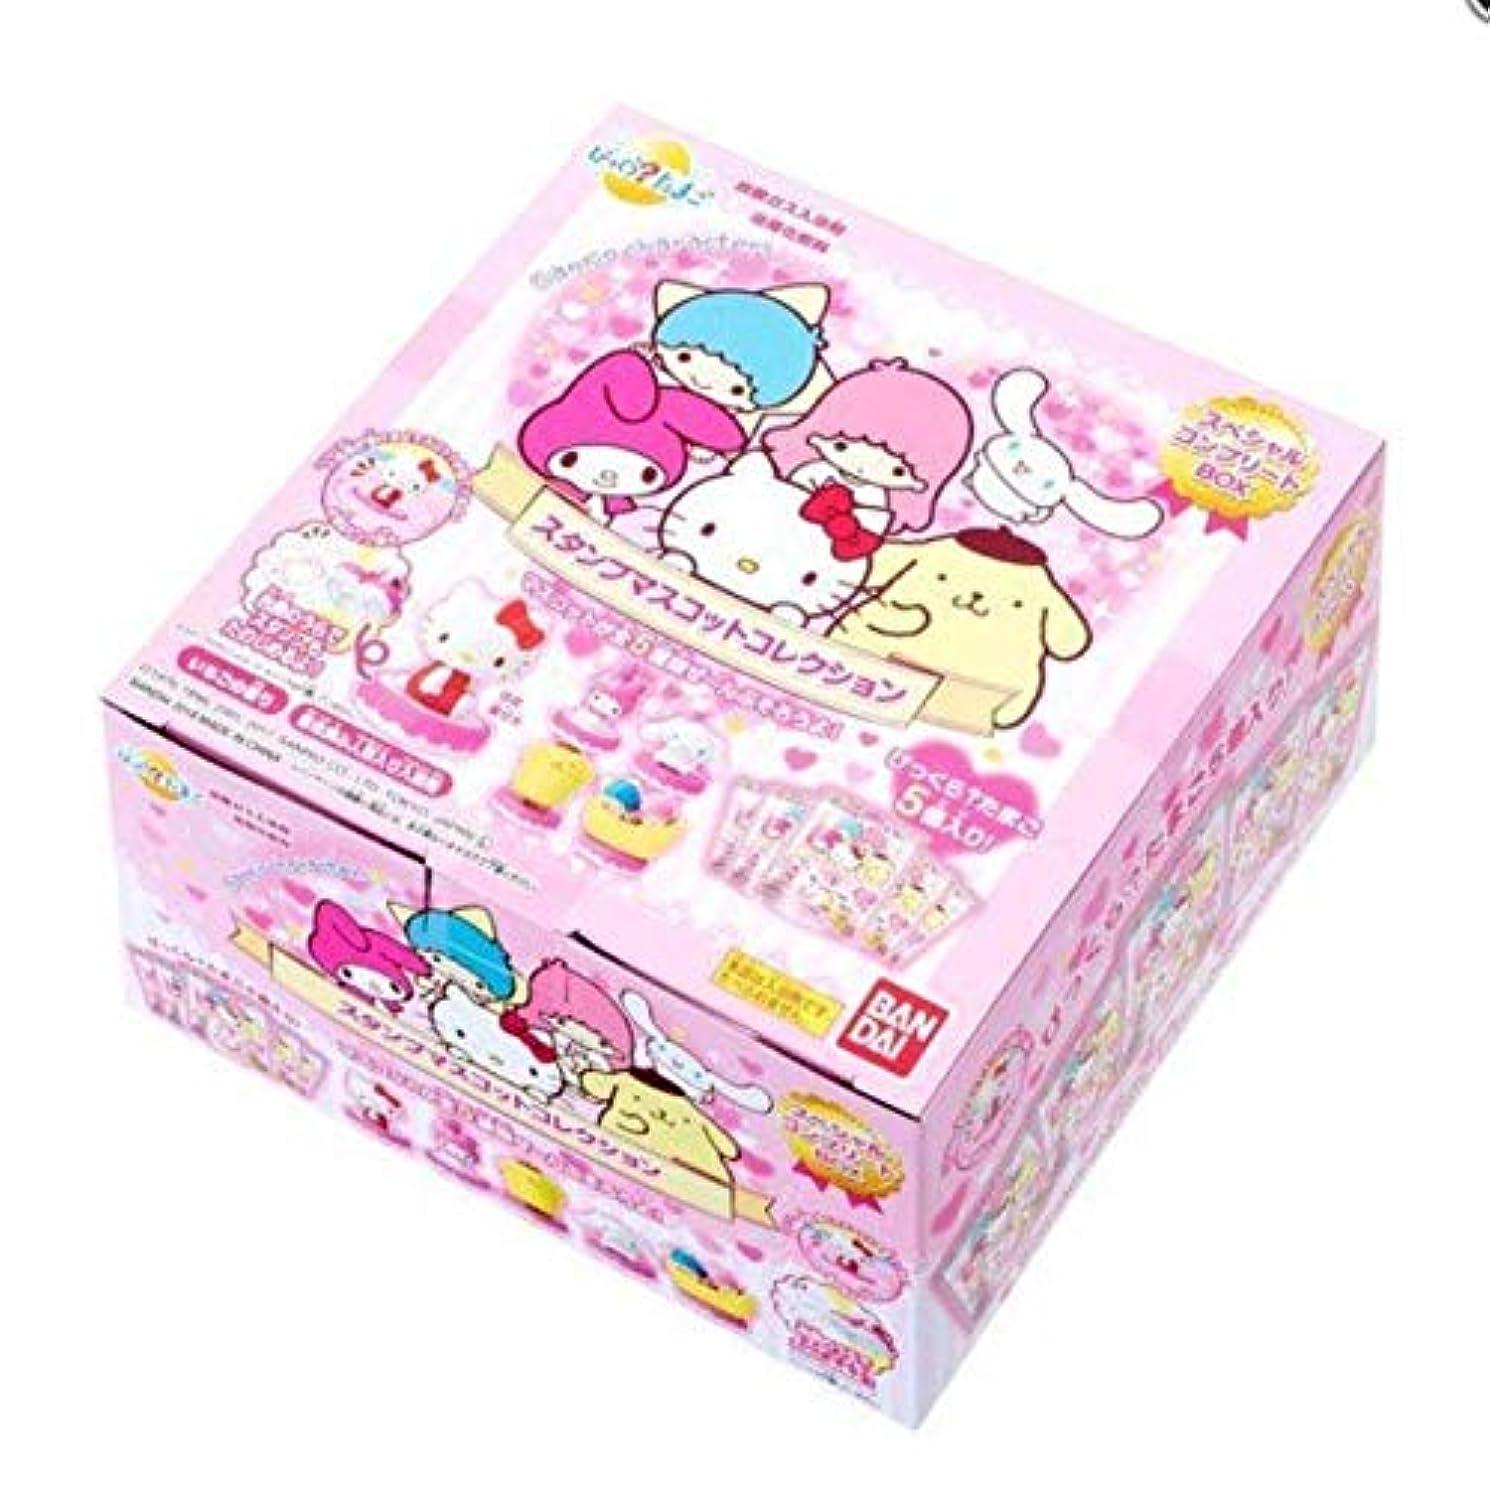 自発的珍しい歯科のびっくら?たまご サンリオキャラクターズ スタンプマスコットコレクション スペシャルコンプリートBOX